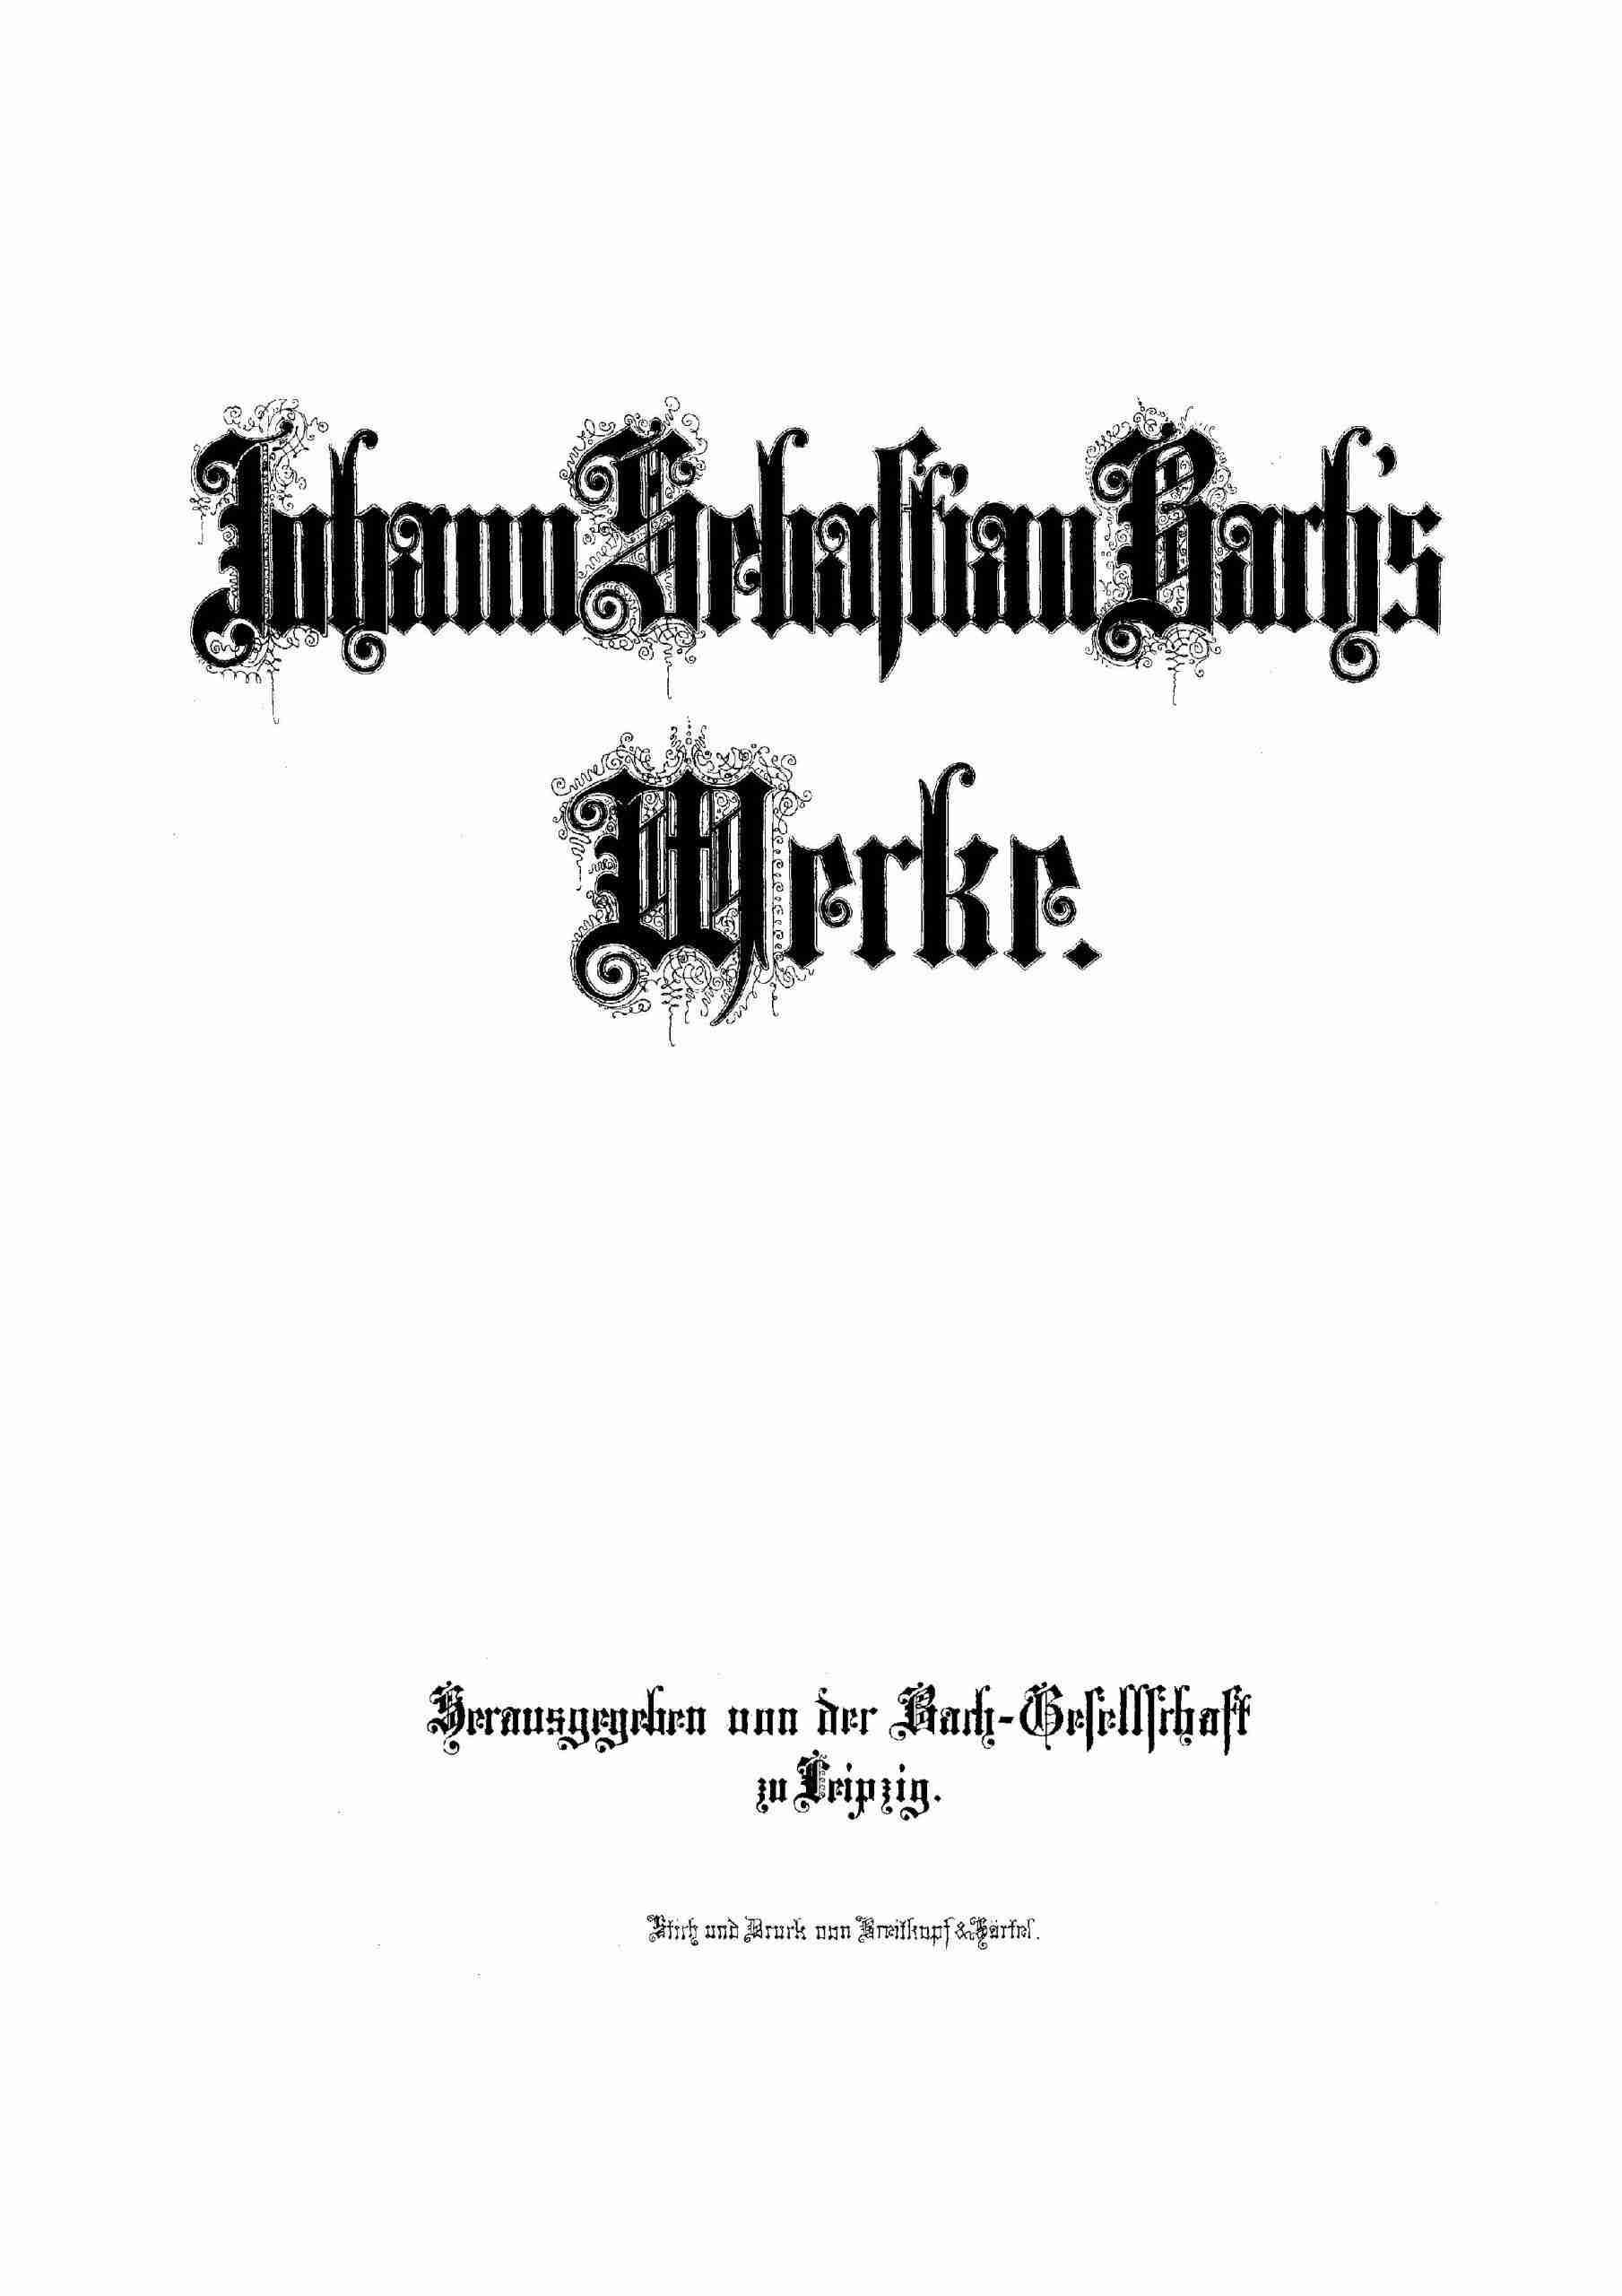 Bach, Johann Sebastian - Notebooks for Anna Magdalena Bach (1722 selections)